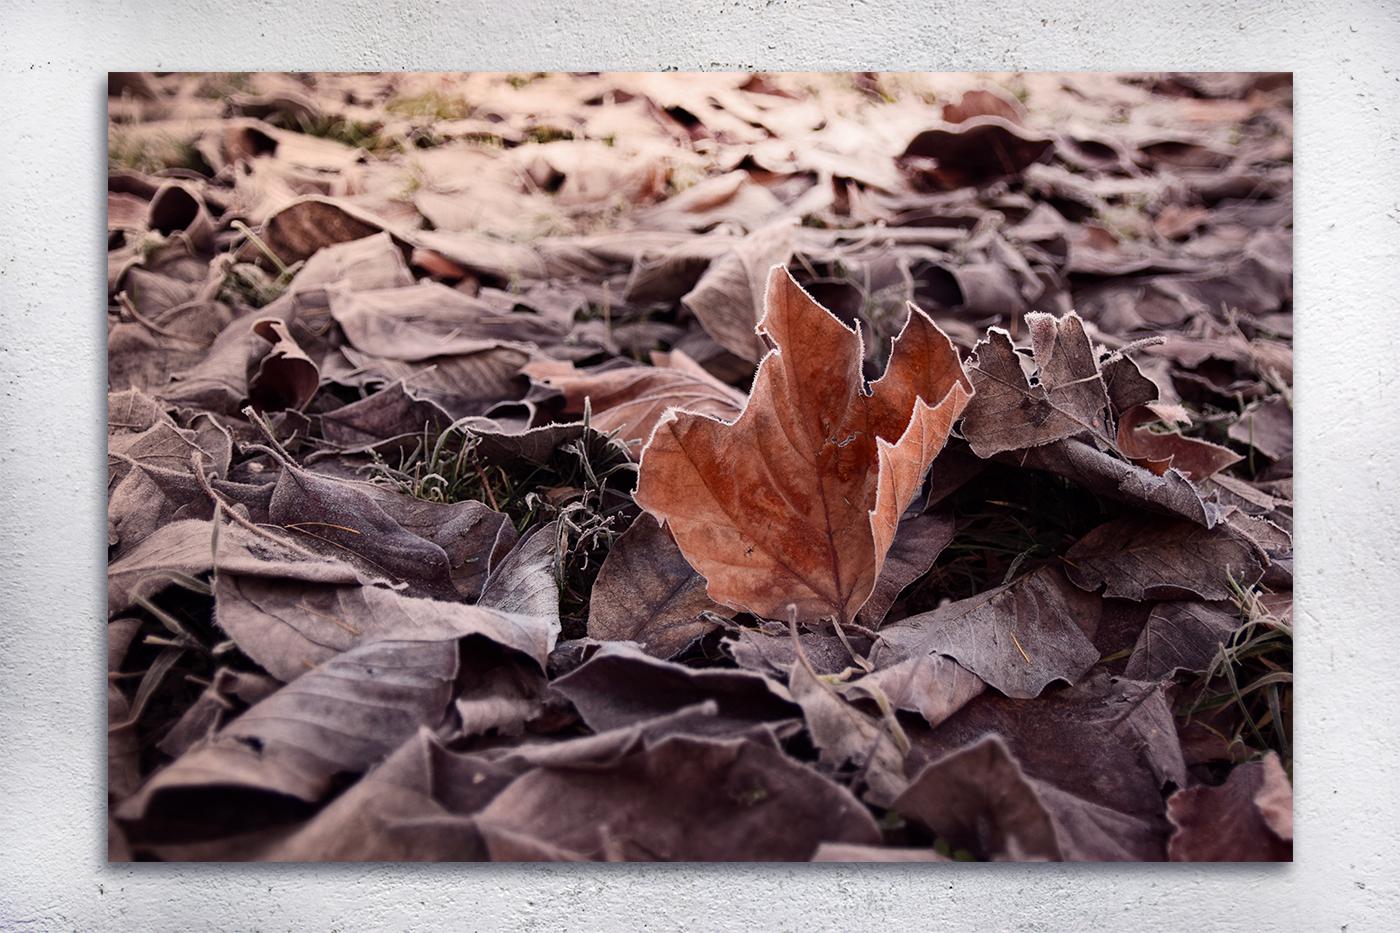 Nature photo, flora photo, leaf photo, winter photo example image 2